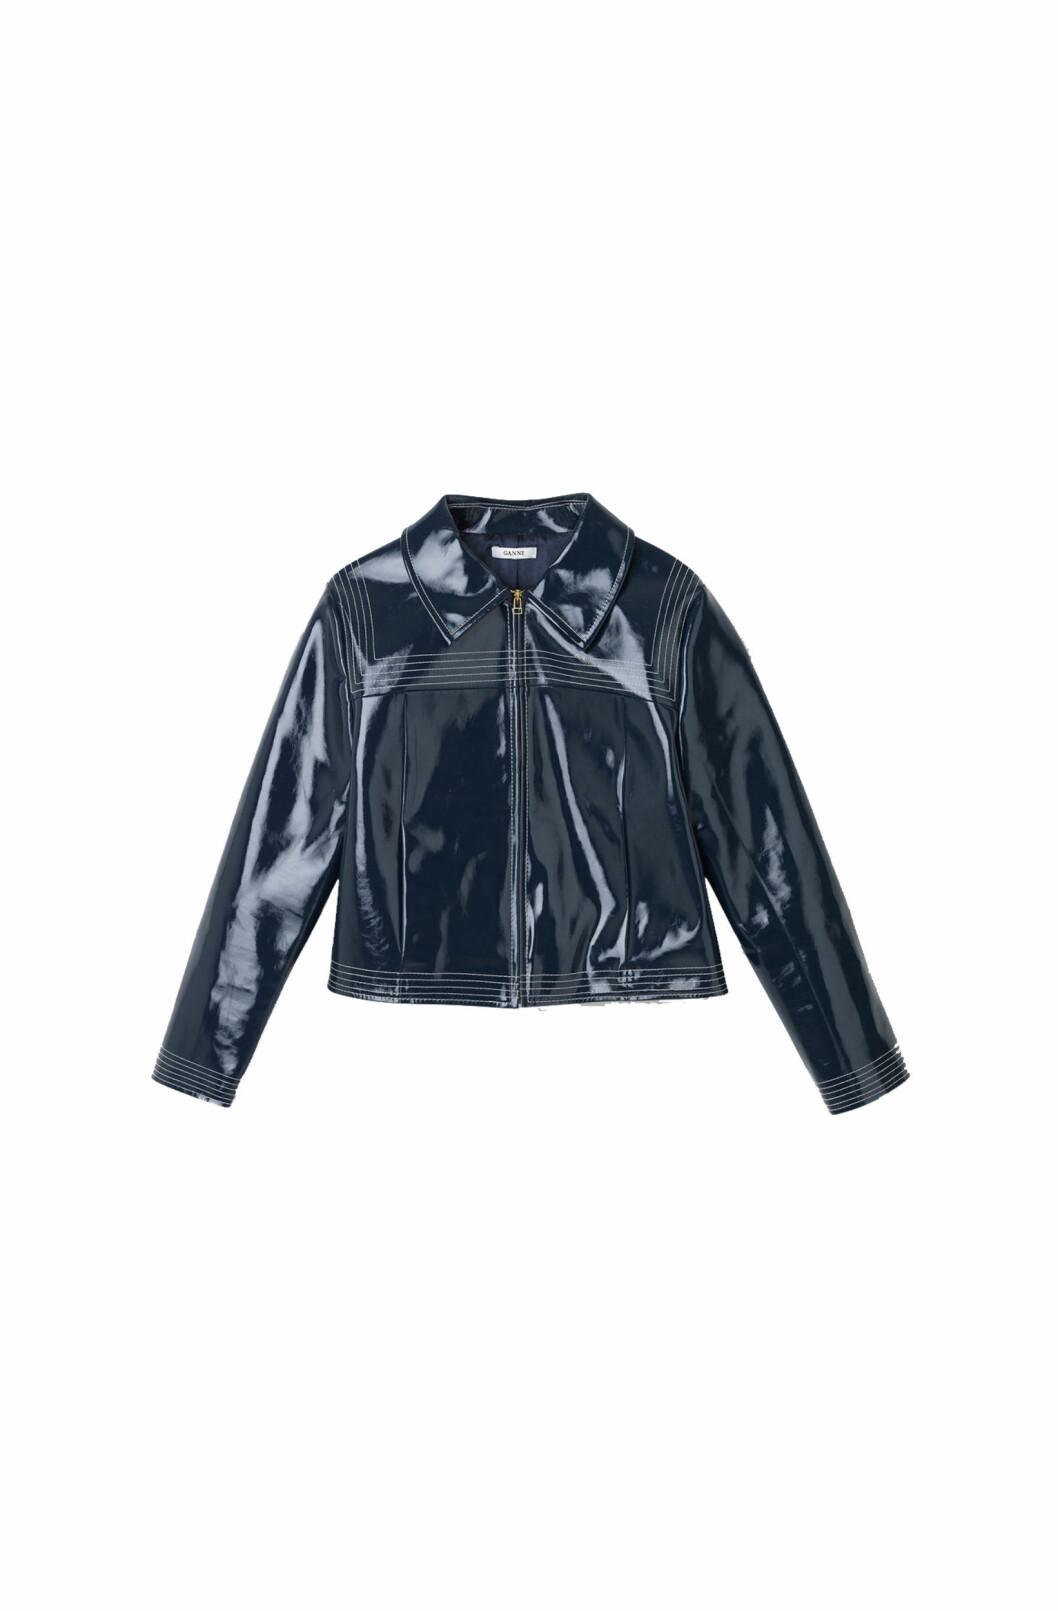 Jakke fra Ganni  3099,-  http://www.ganni.com/en/regent-jacket/F2160.html?dwvar_F2160_color=Total%20Eclipse